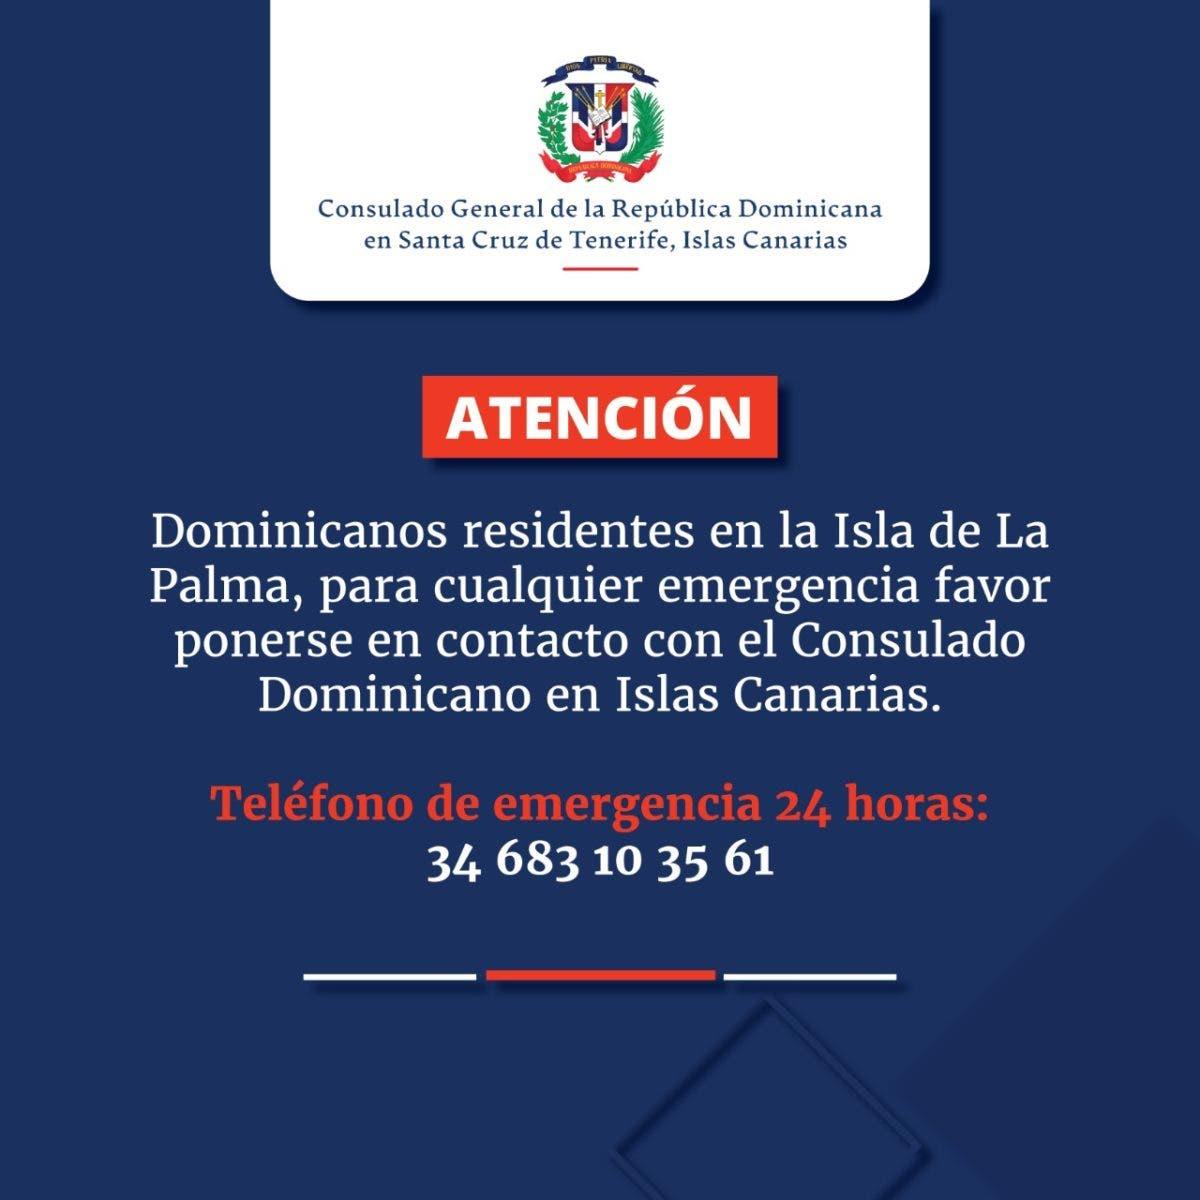 Consulado Dominicano en Islas Canarias habilita línea de ayuda tras erupción volcánica